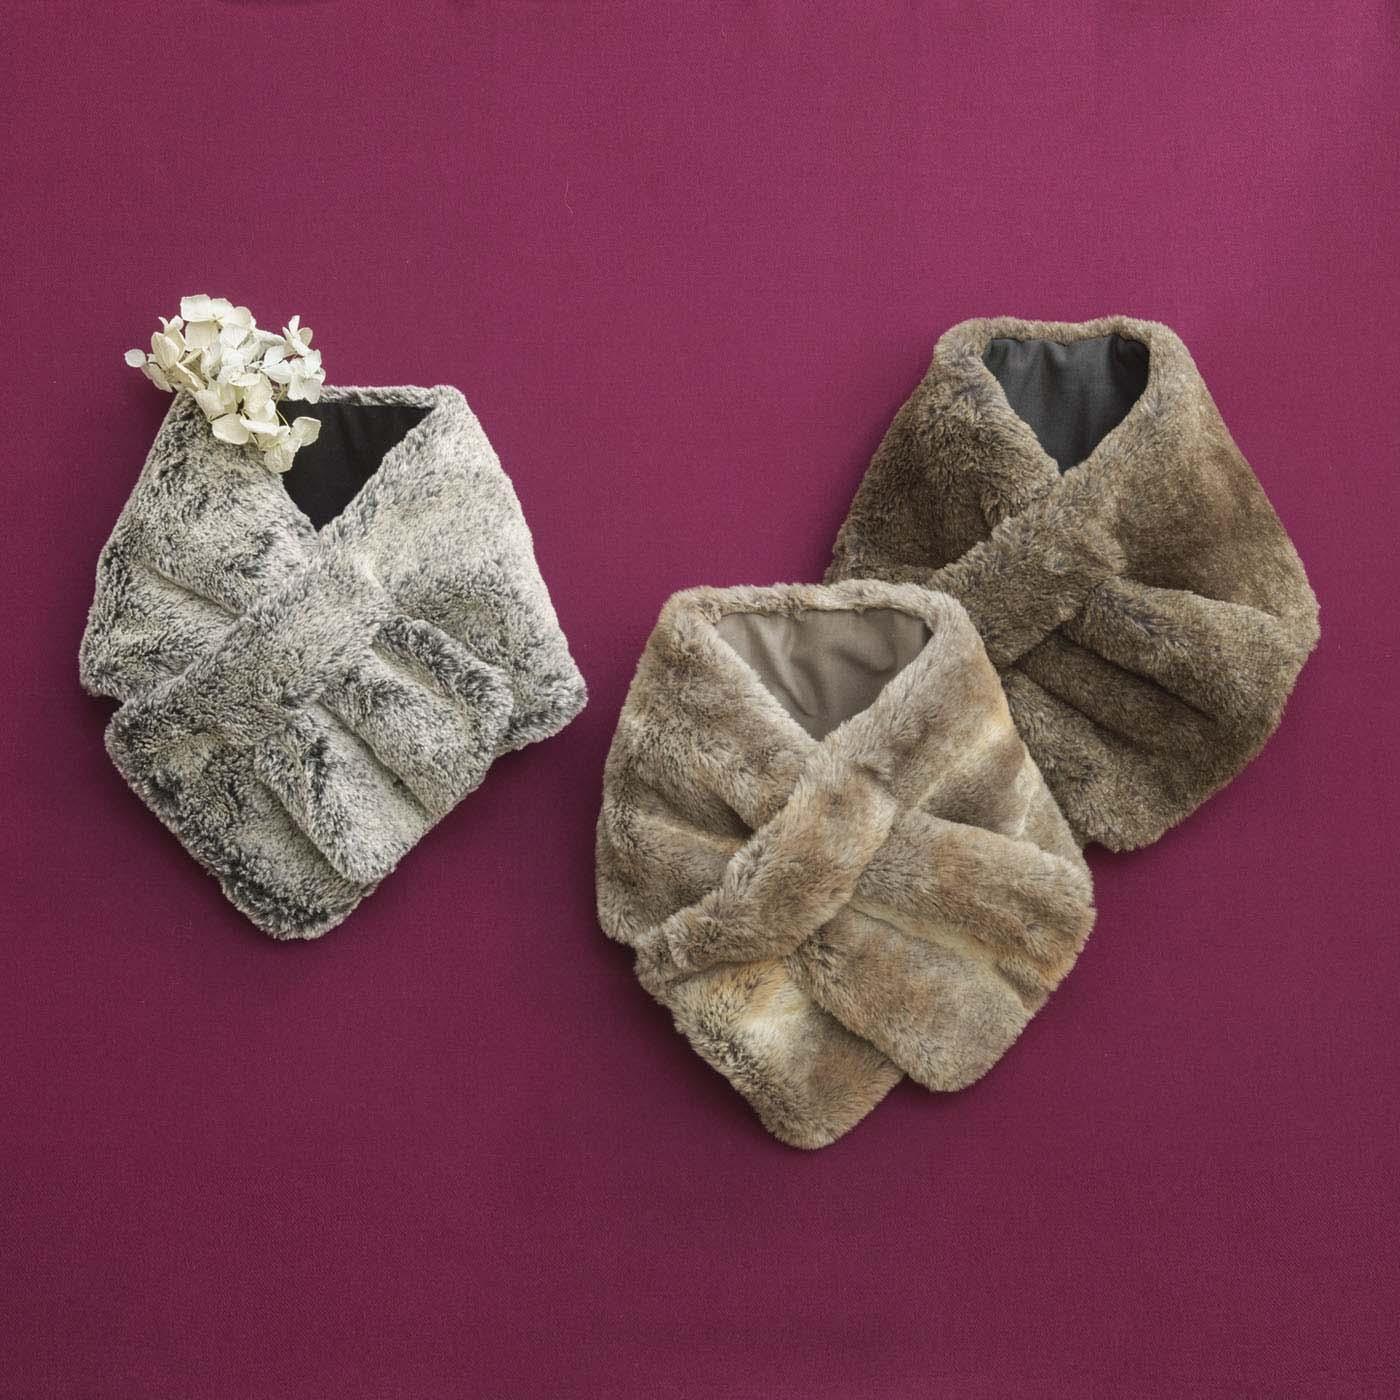 秋はニットに、冬はコートに。コーデが広がるベーシックな3色。